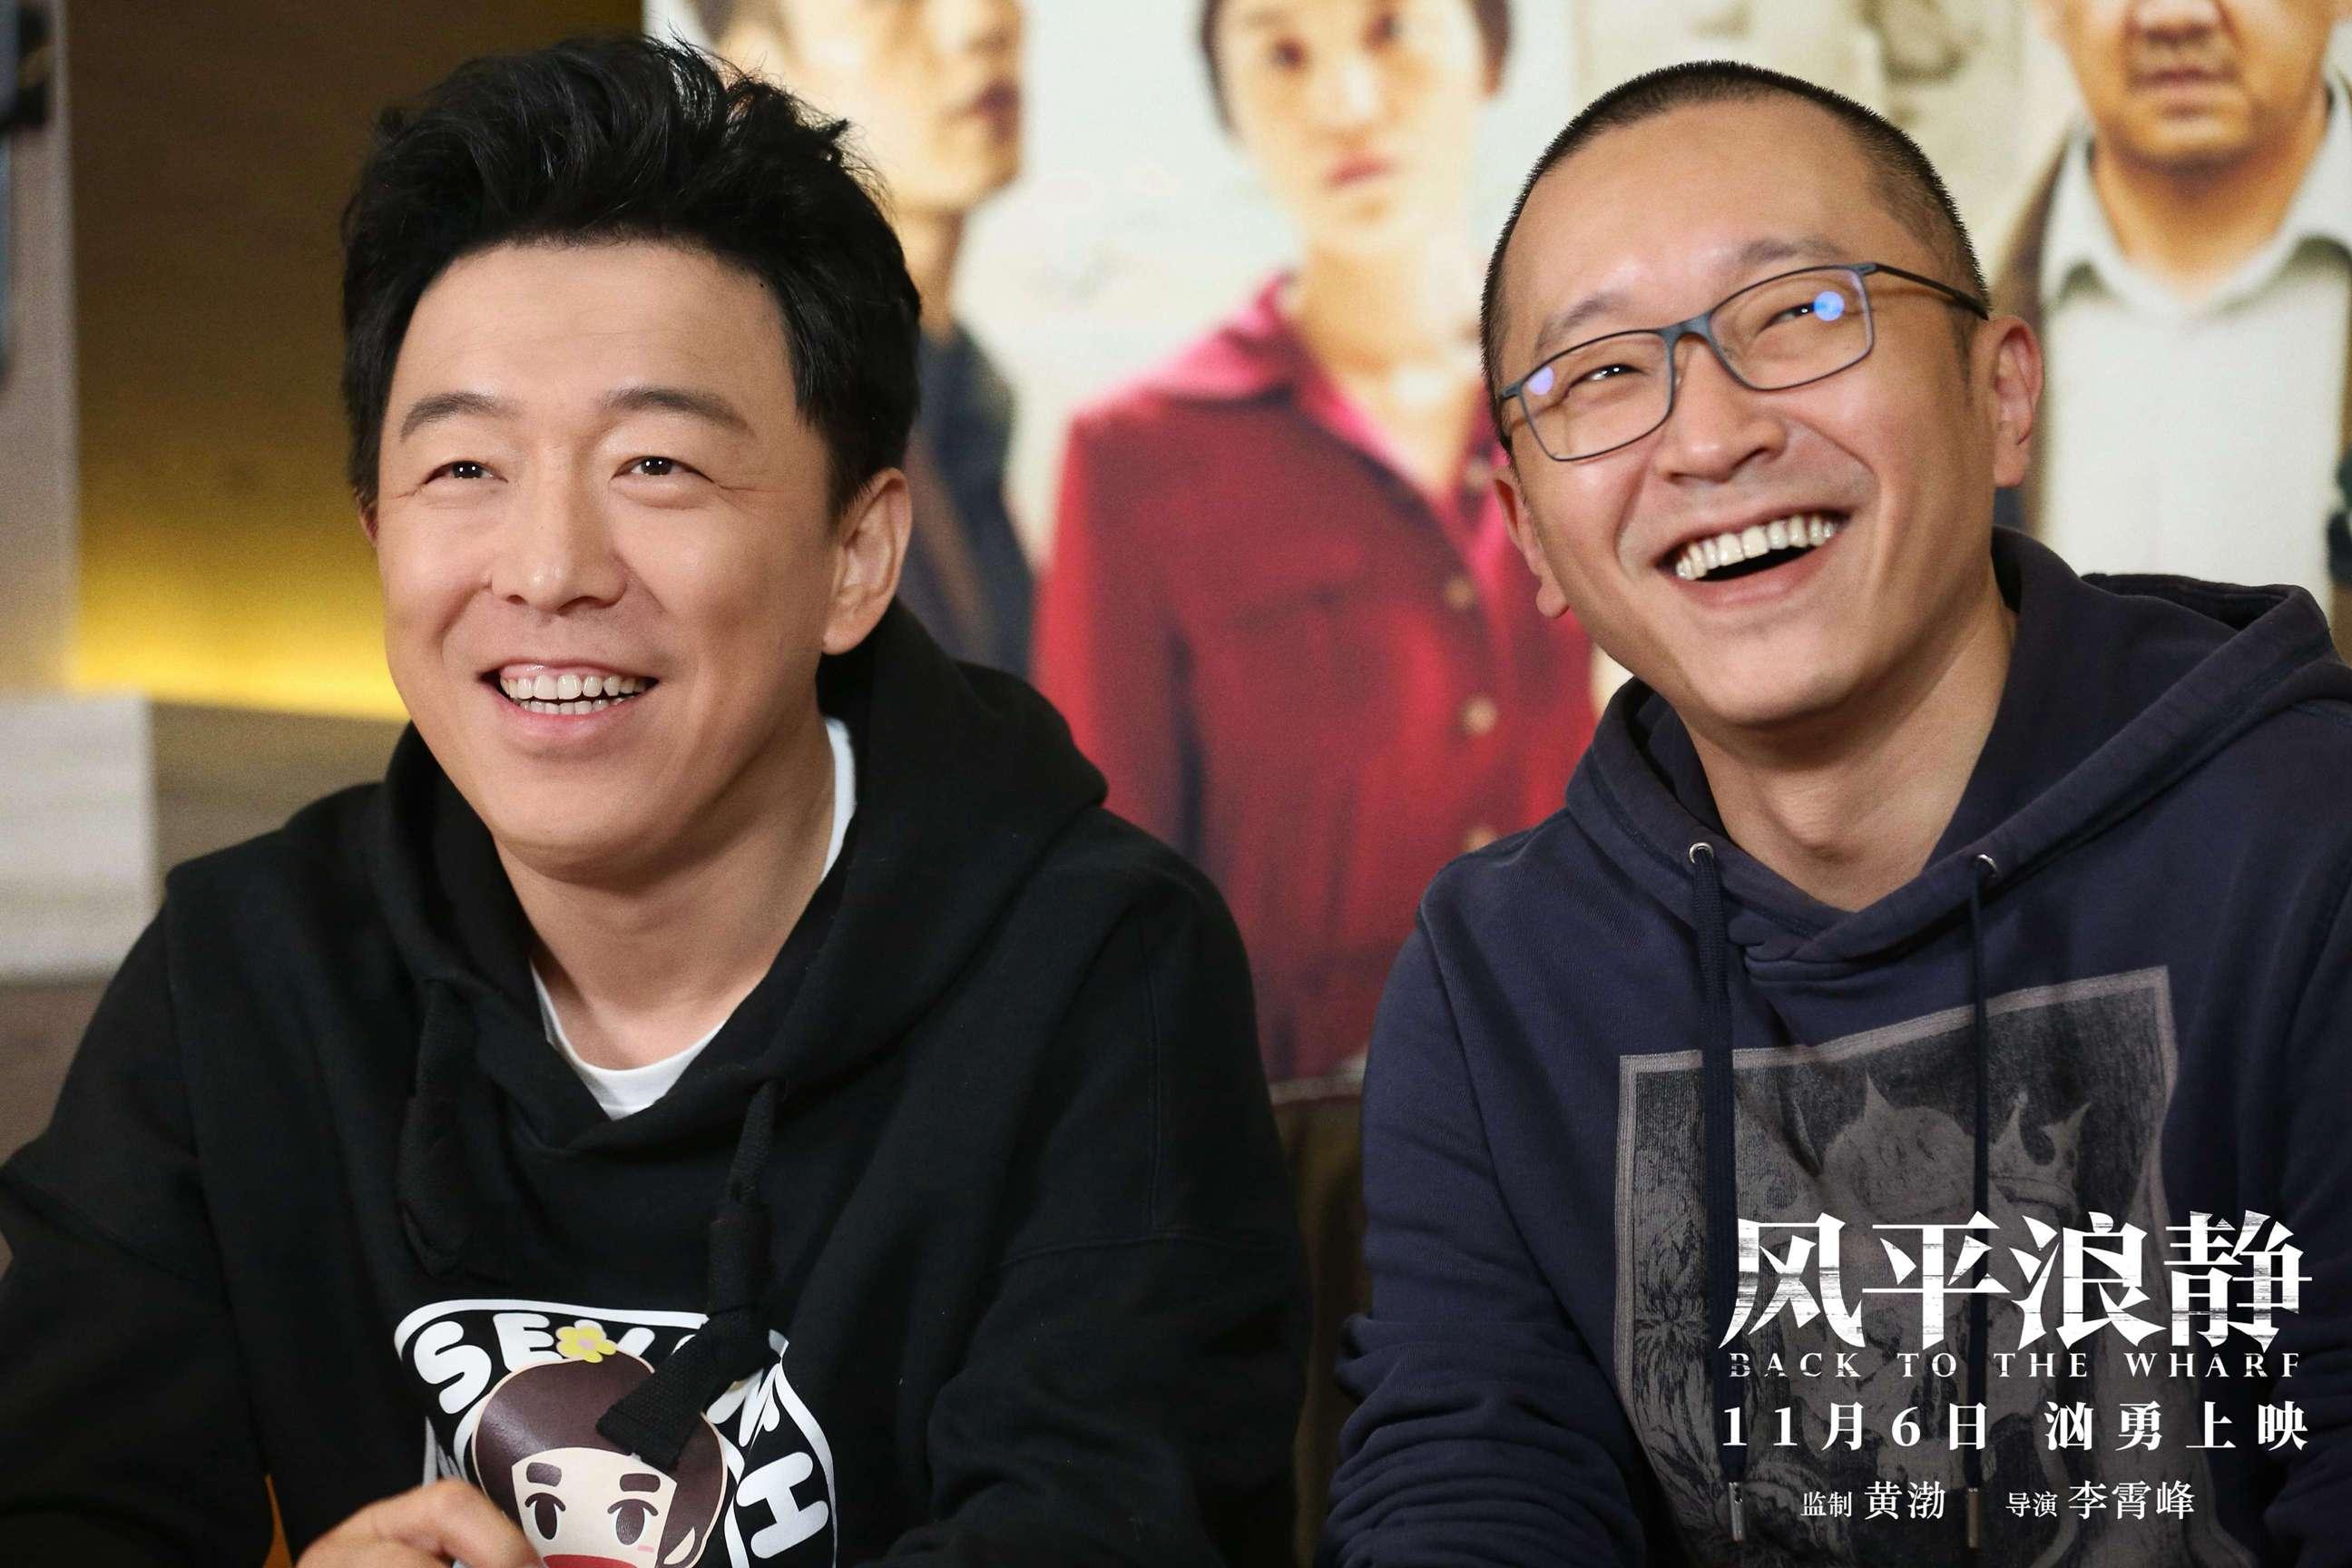 黄渤监制新片《风平浪静》 被赞宋佳是灰暗色调里热烈的火.jpg